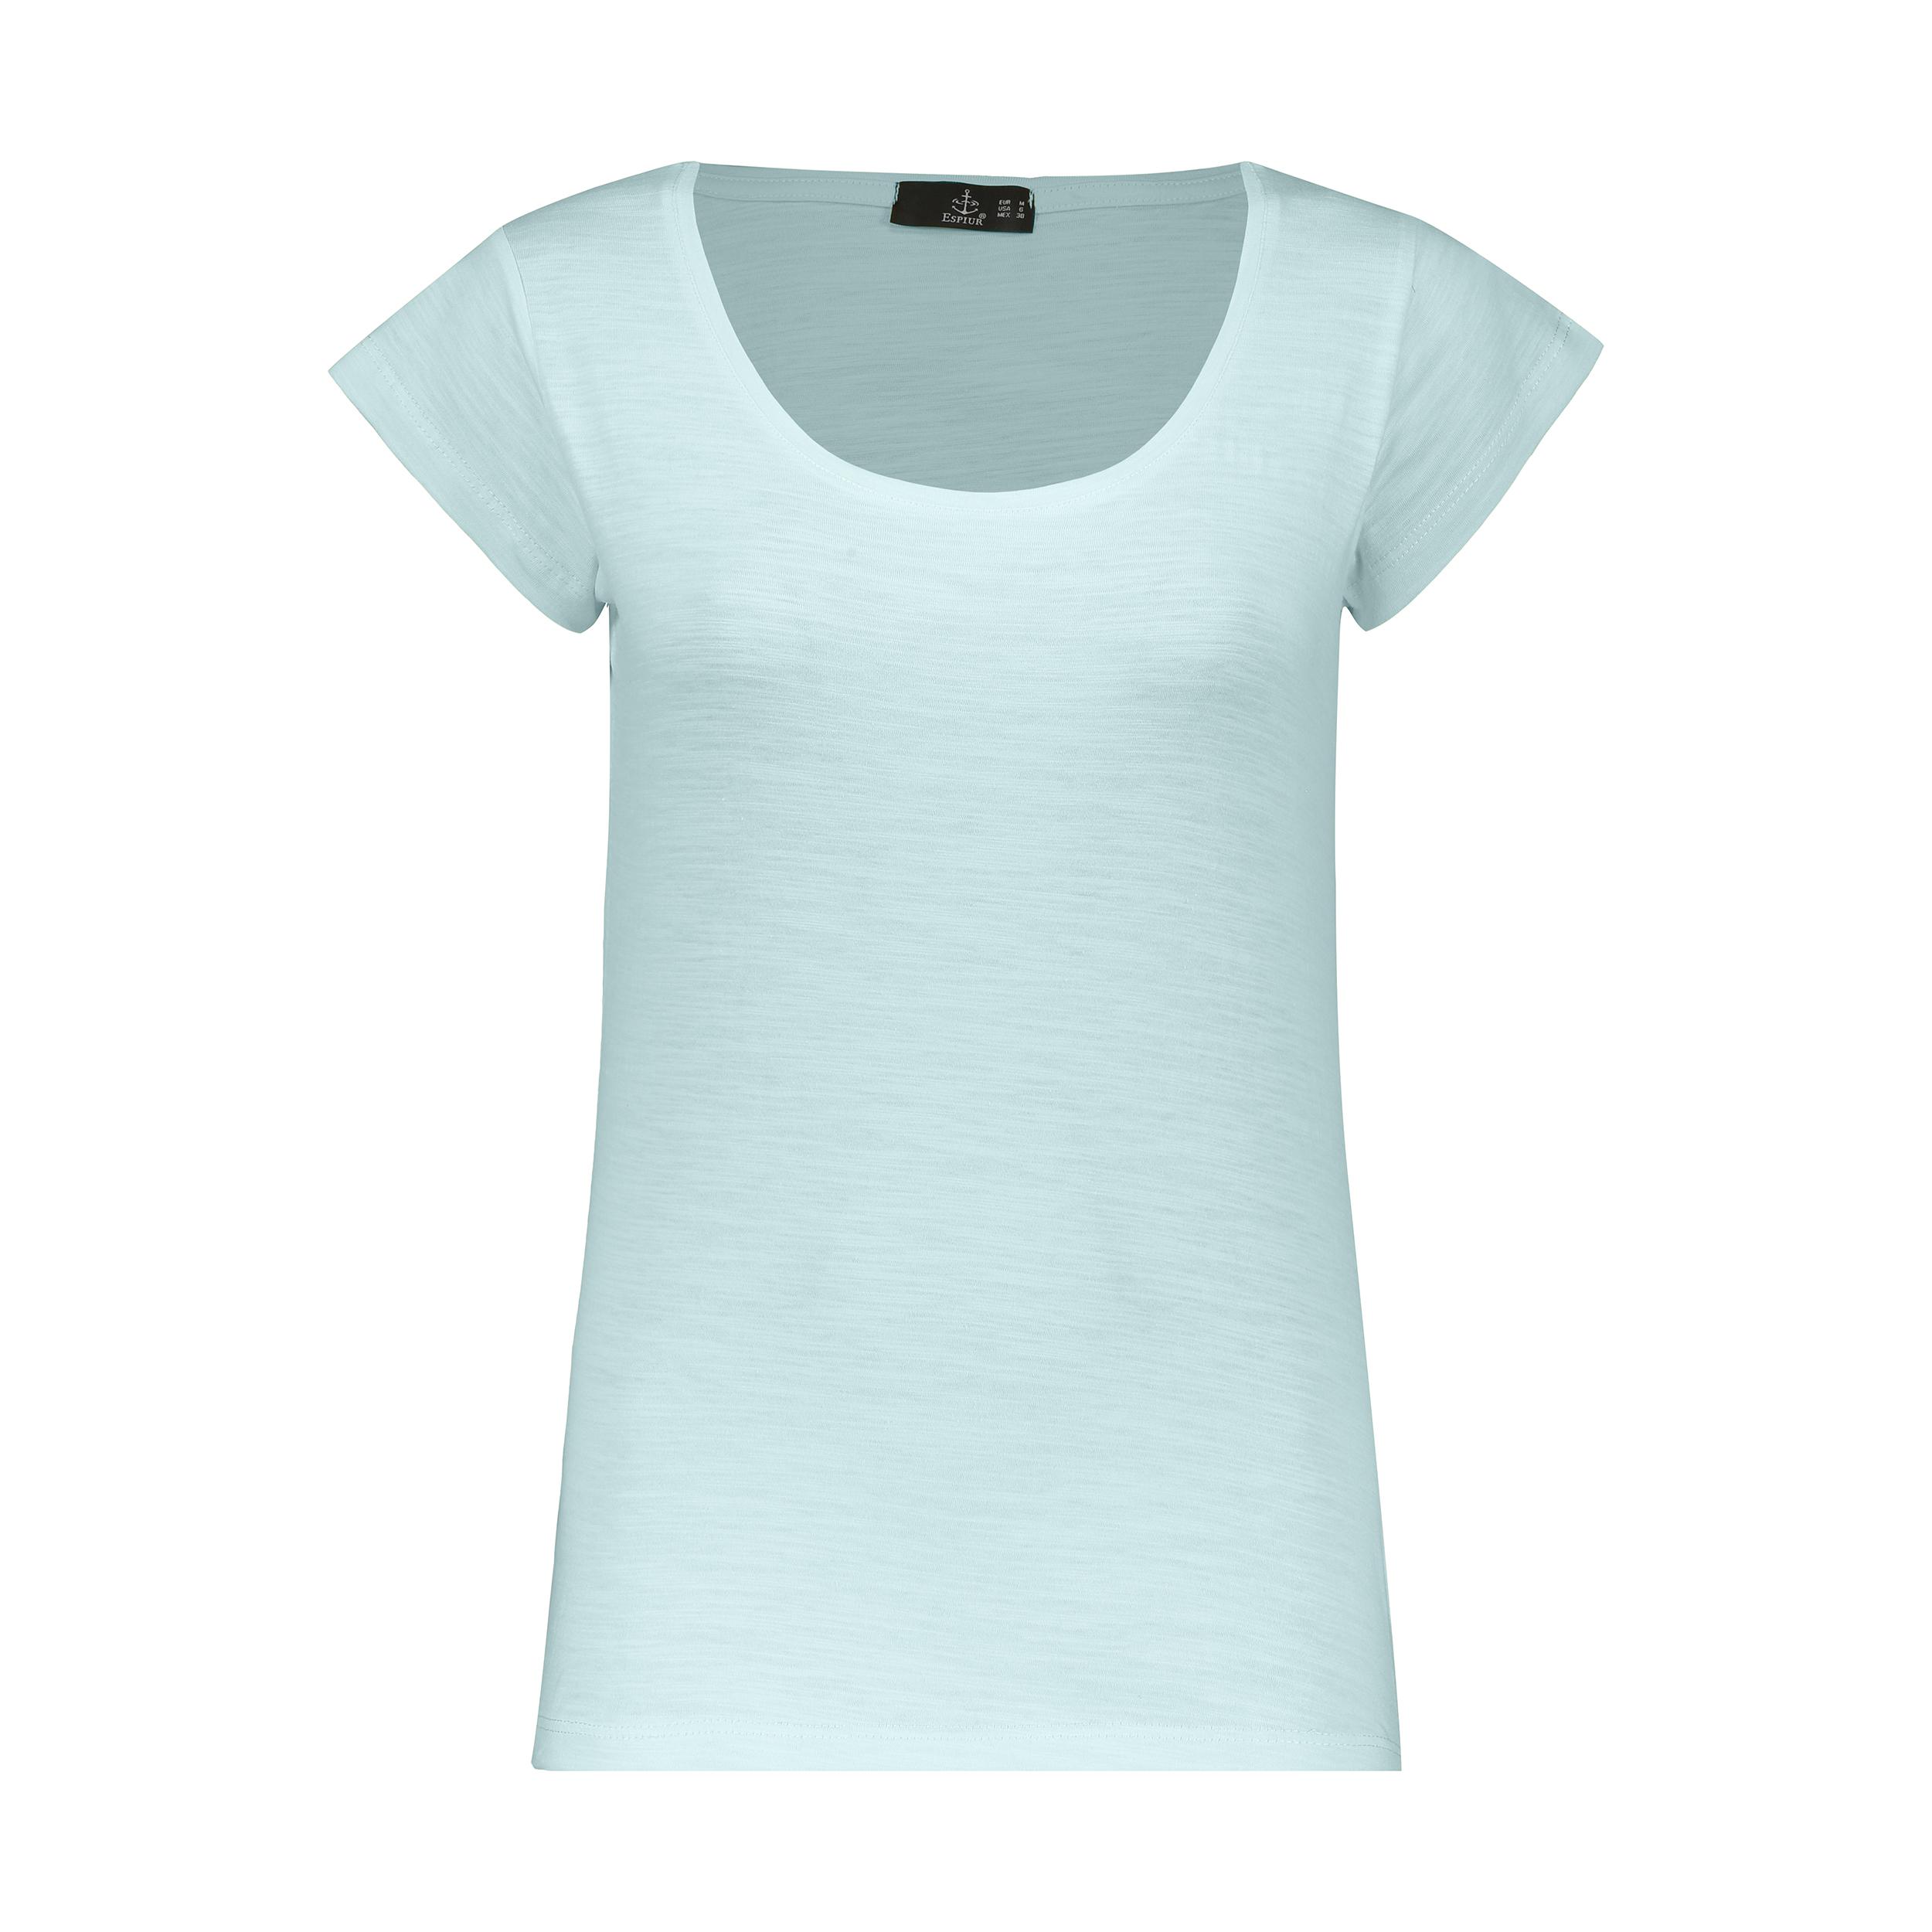 تی شرت زنانه اسپیور مدل 2W03M-10